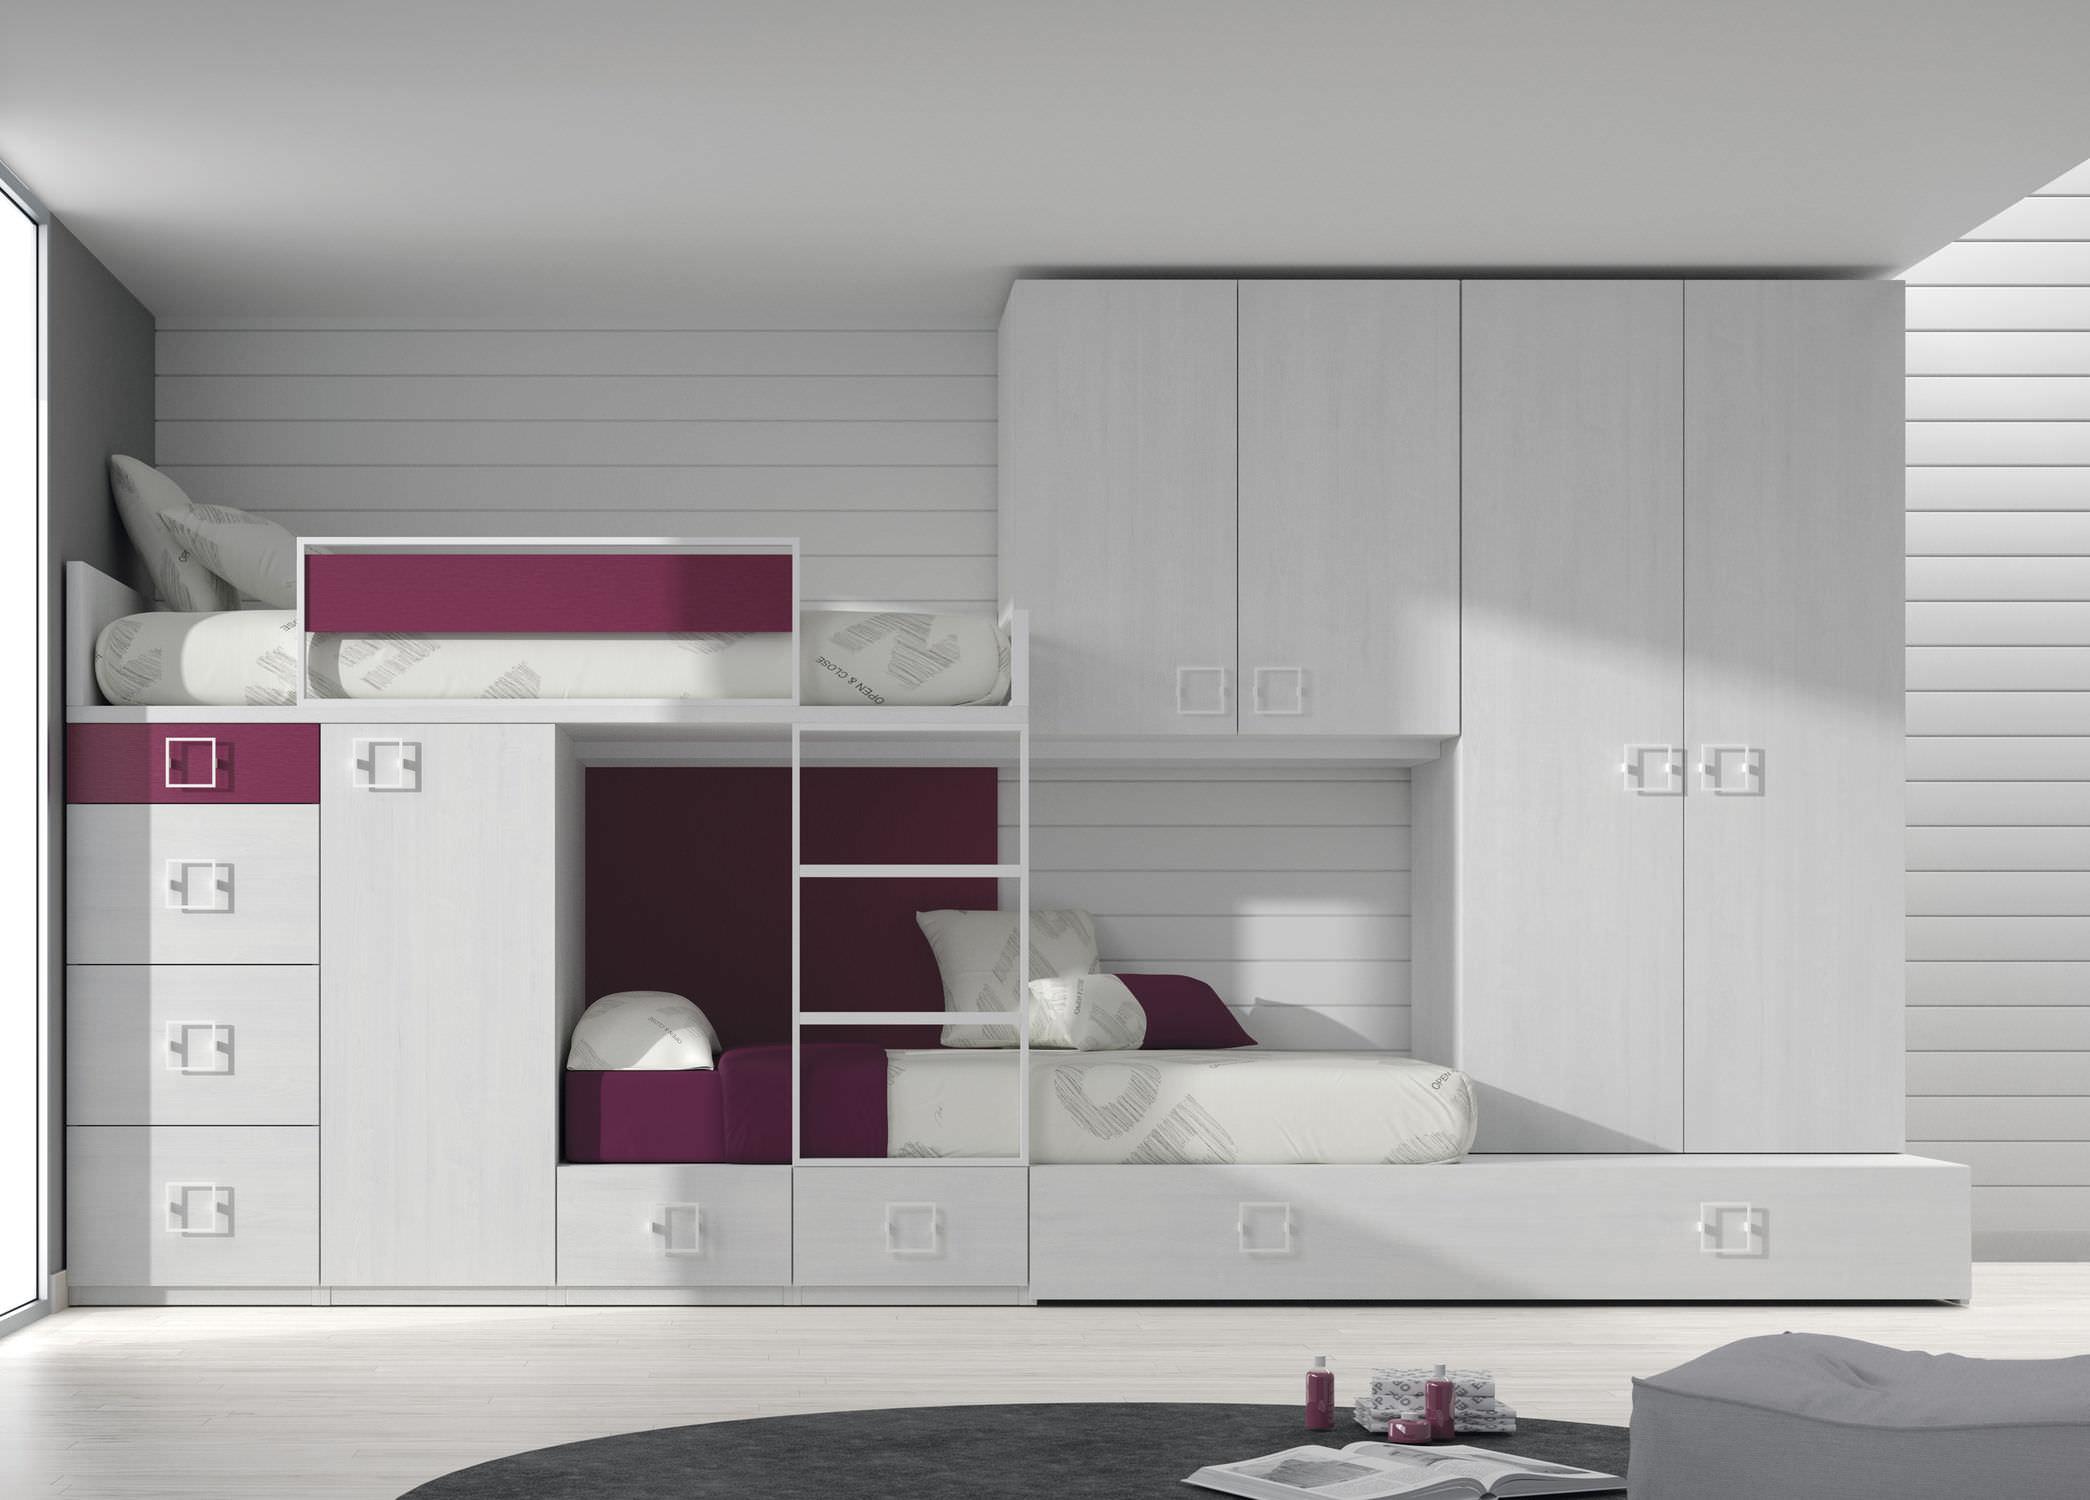 Etagenbett Mit Viel Stauraum : Etagenbett einfach modern mit stauraum touch ros